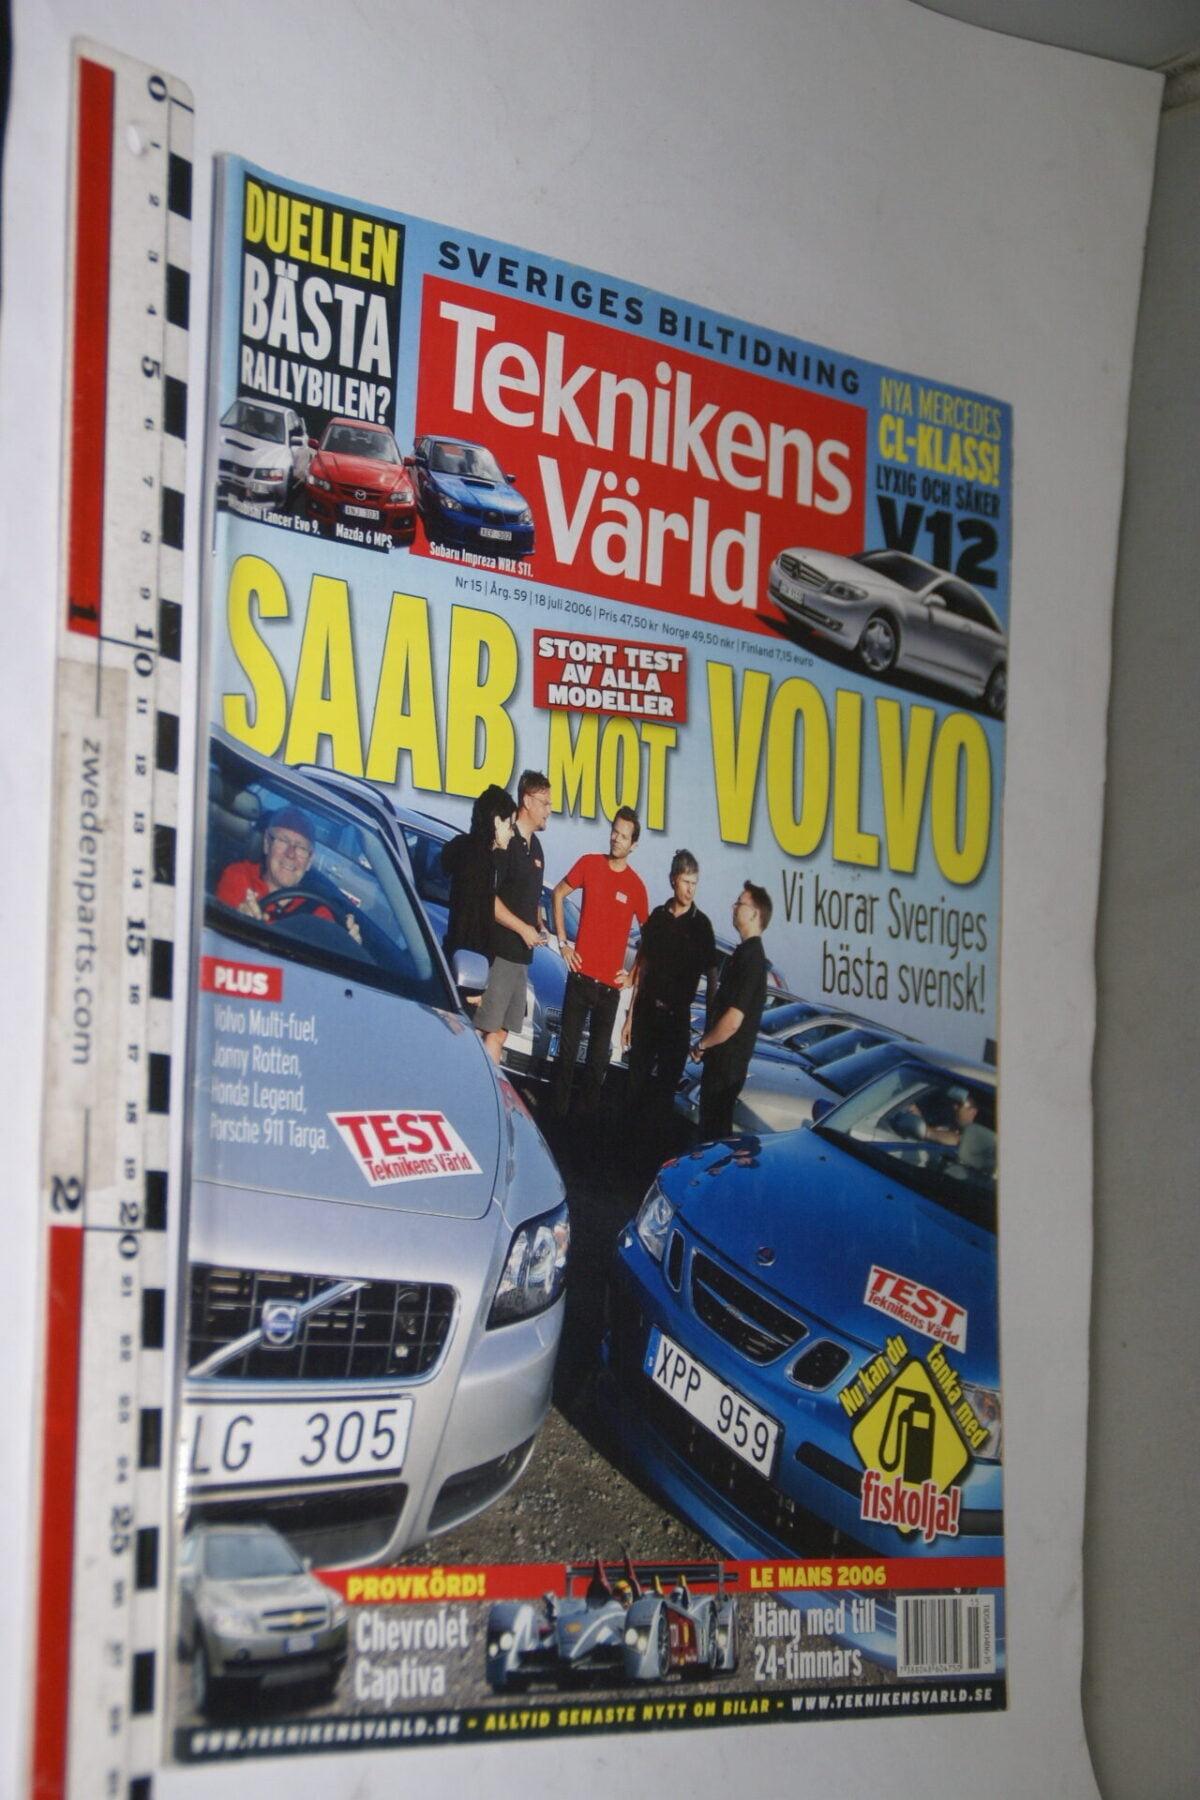 DSC08105 tijdschrift Teknikens Värld 18 juli 2006 met Volvo C70 softtop, Svenska-bb777785